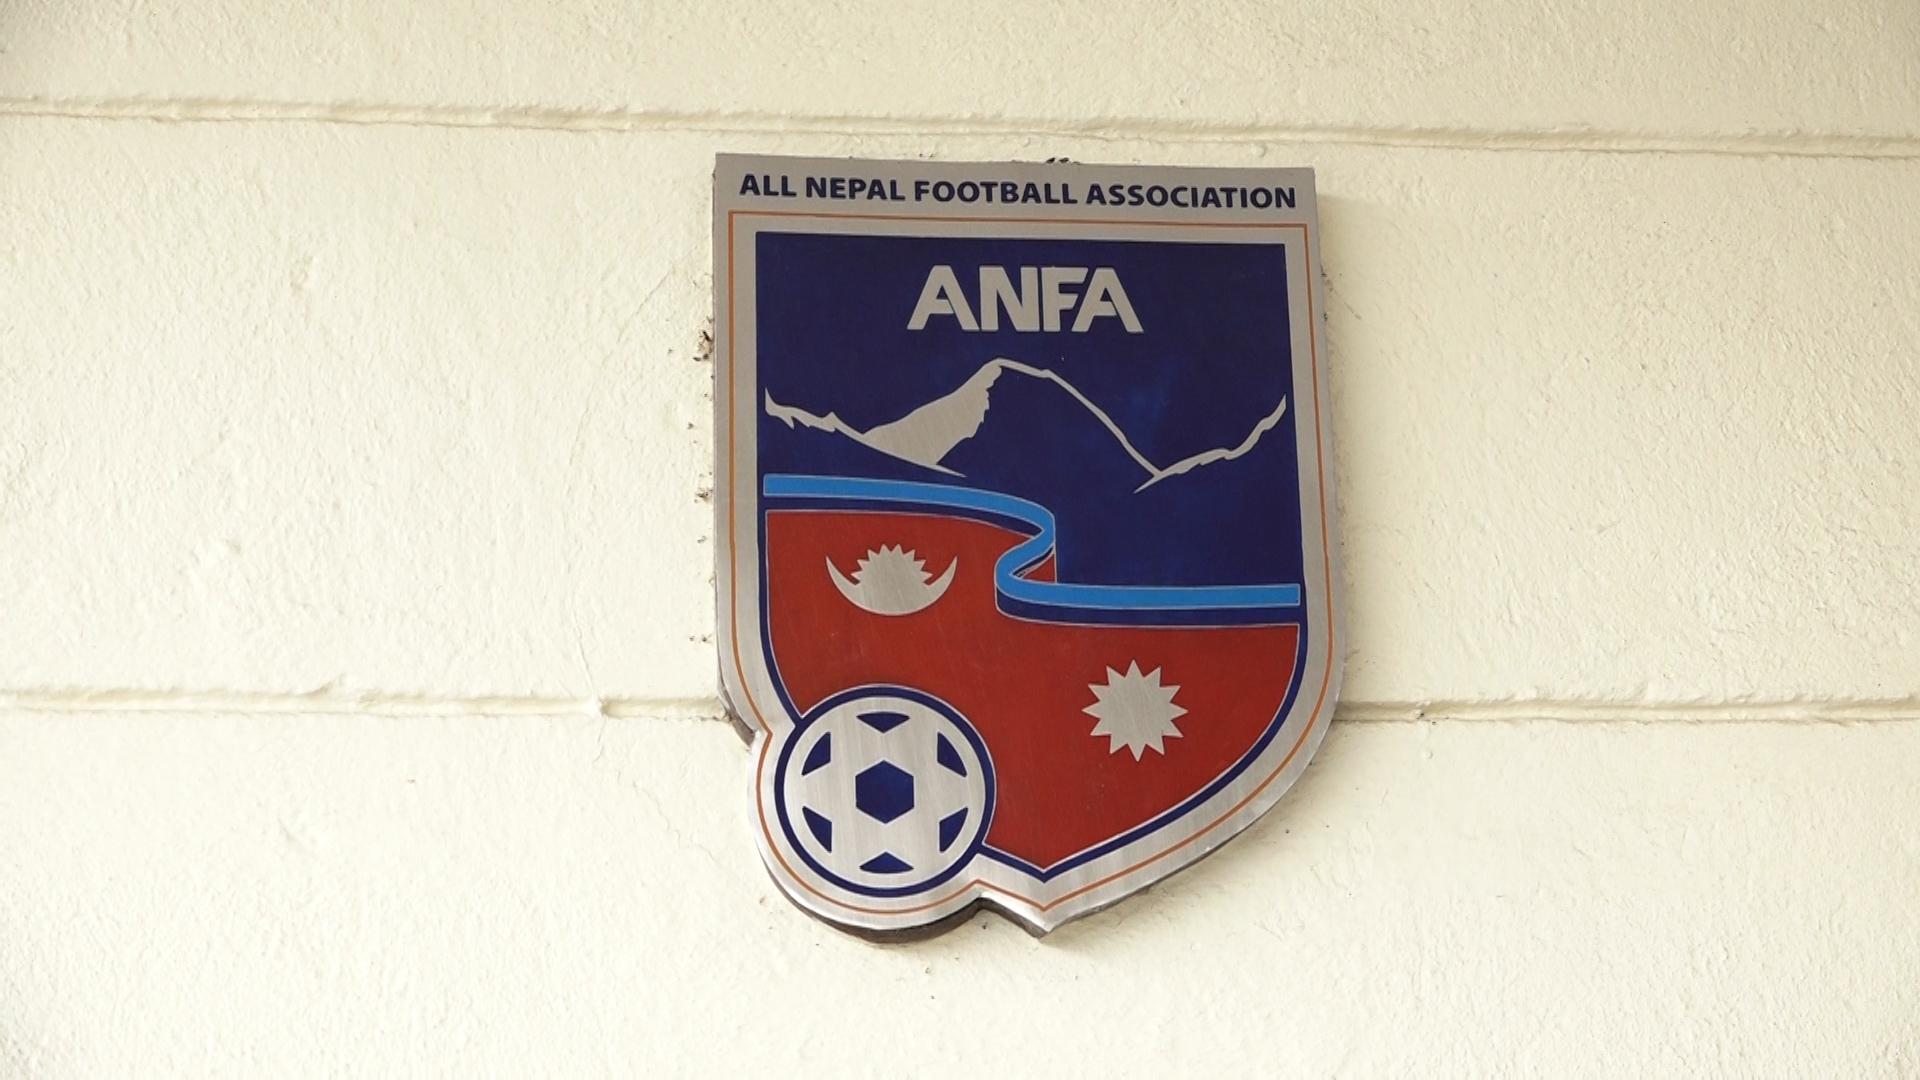 ए डिभजिन राष्ट्रिय फुटसल लिग को उद्घाटन खेलमा द राइजिङ क्लब, धरान र स्काई गोल्स काठमाडौंबीच प्रतिस्पर्धा हुने